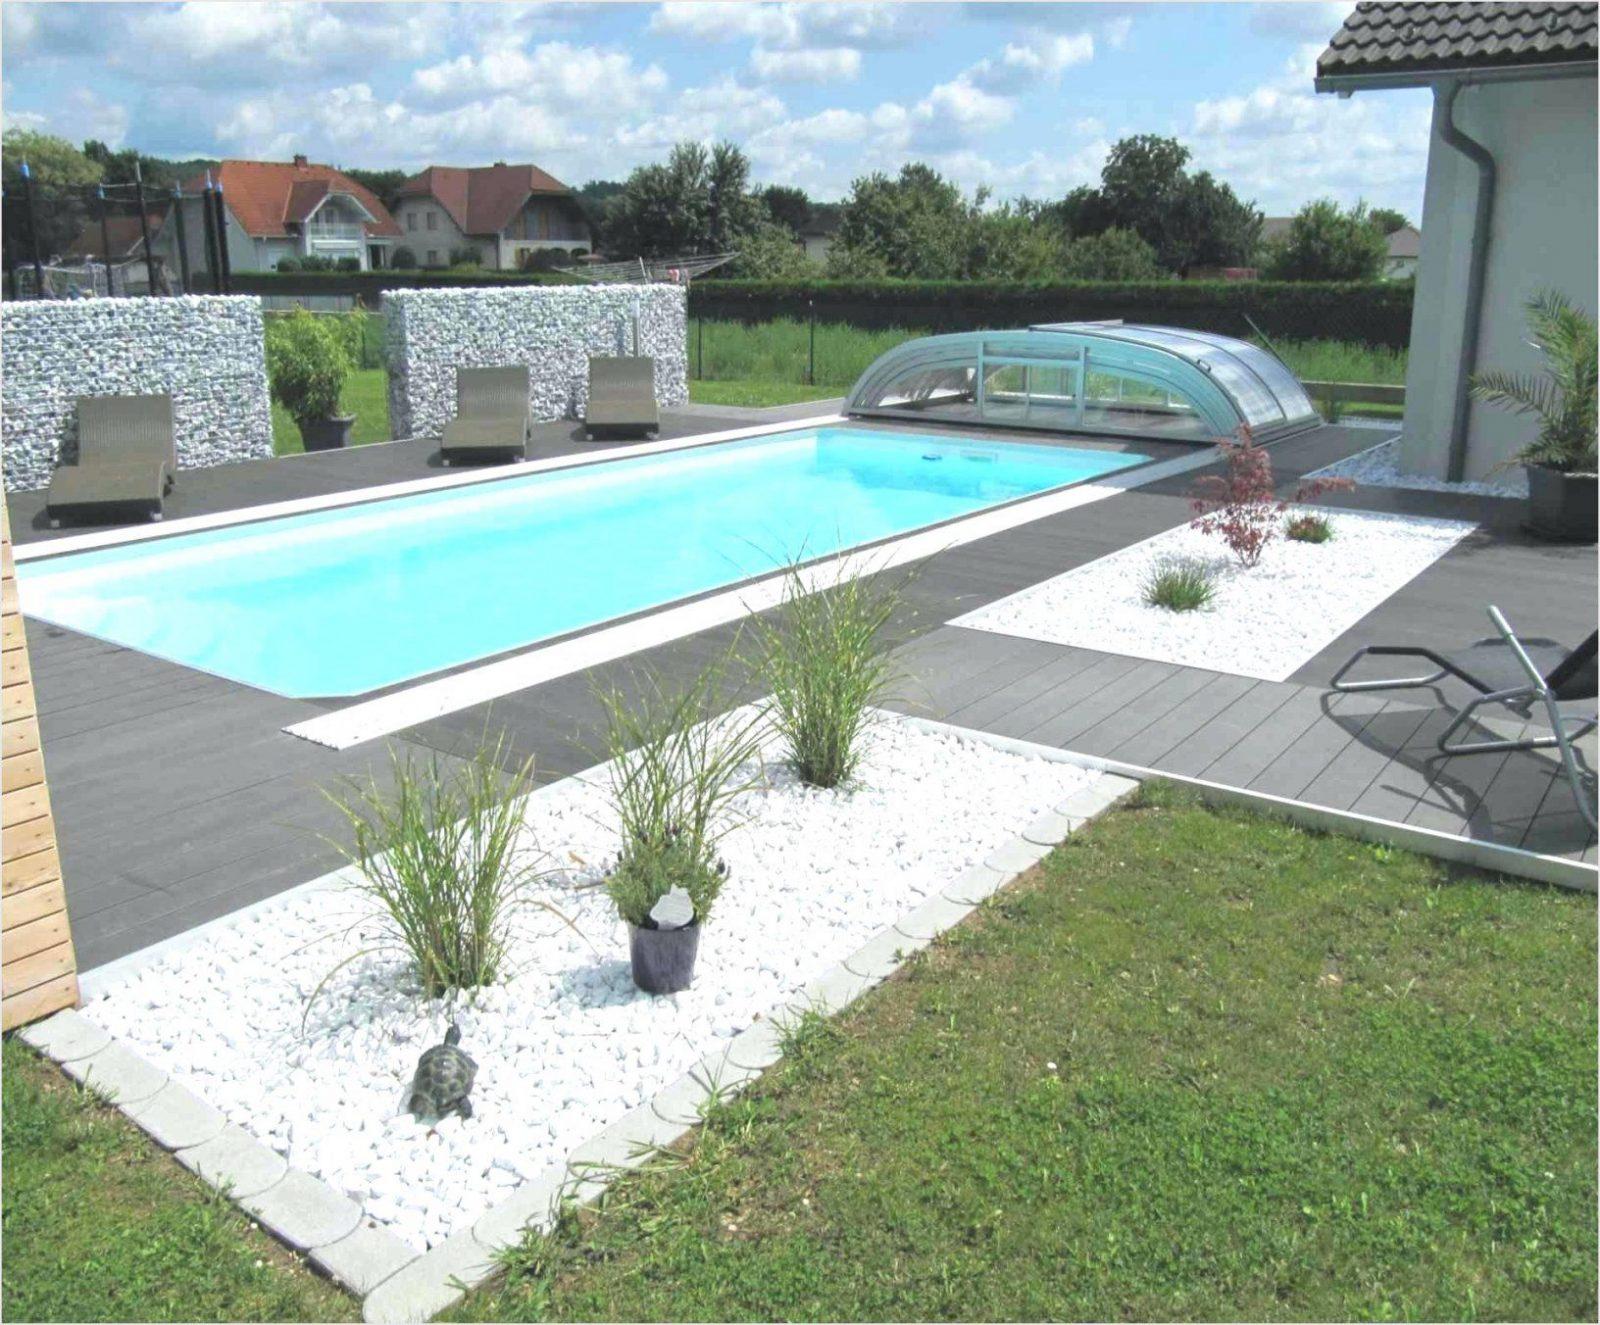 Pool Selber Bauen Paletten Anleitung Gartenliege Sonnendeck Beim von Pool Podest Selber Bauen Photo